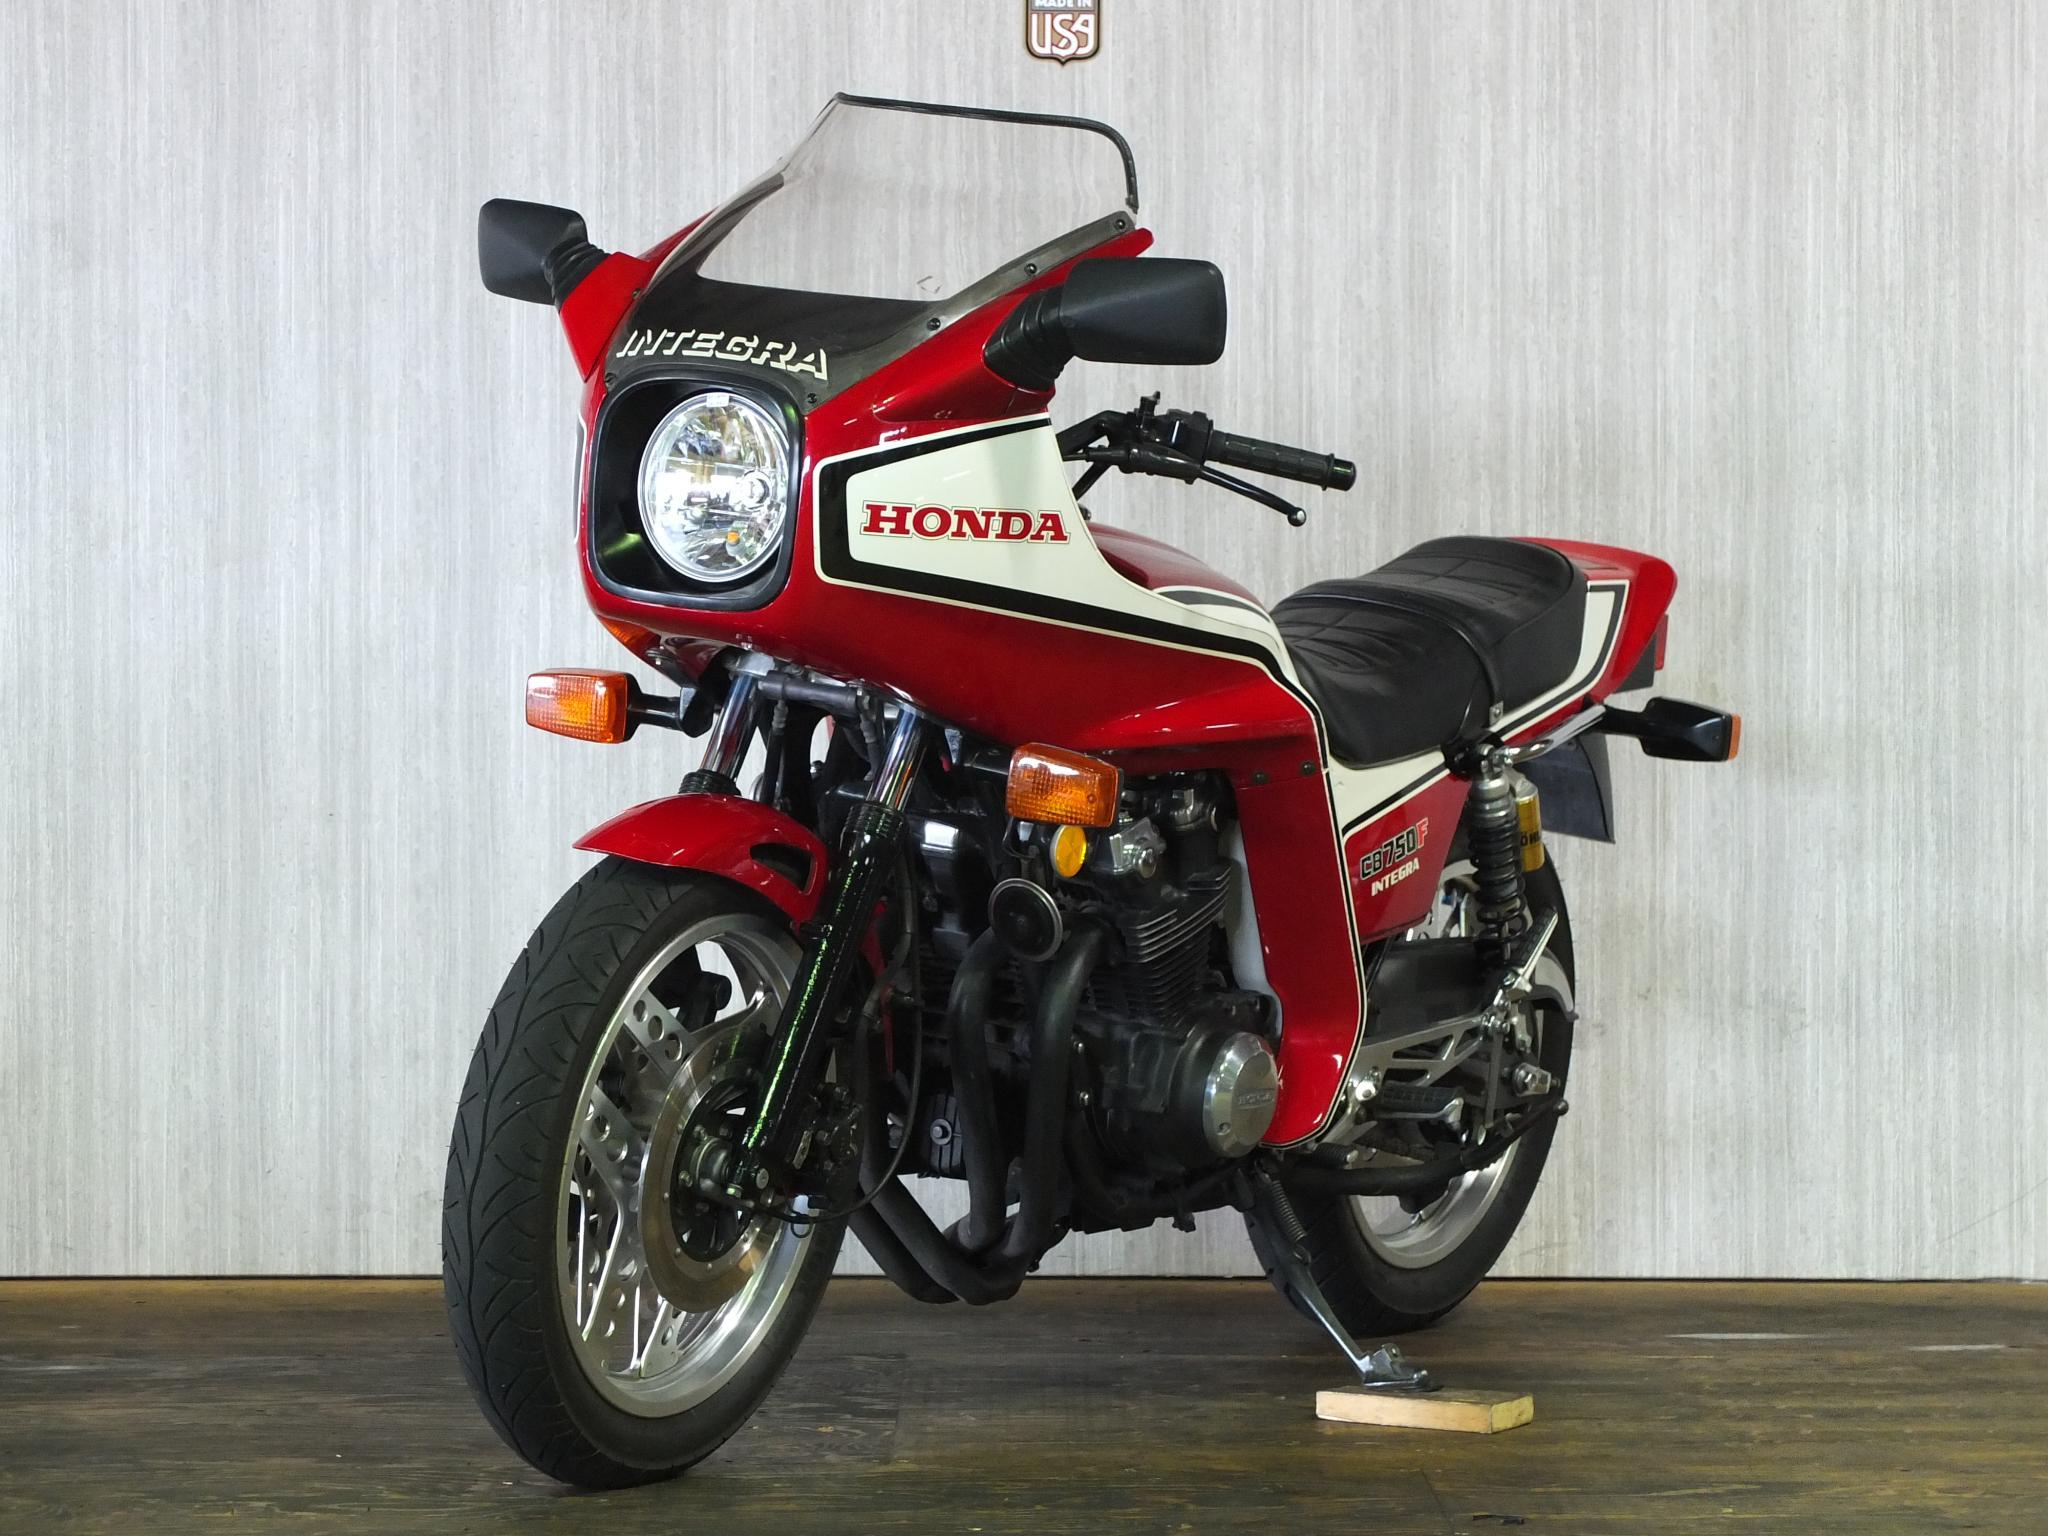 ホンダ 1982 HONDA CB750 INTEGRA 車体写真5